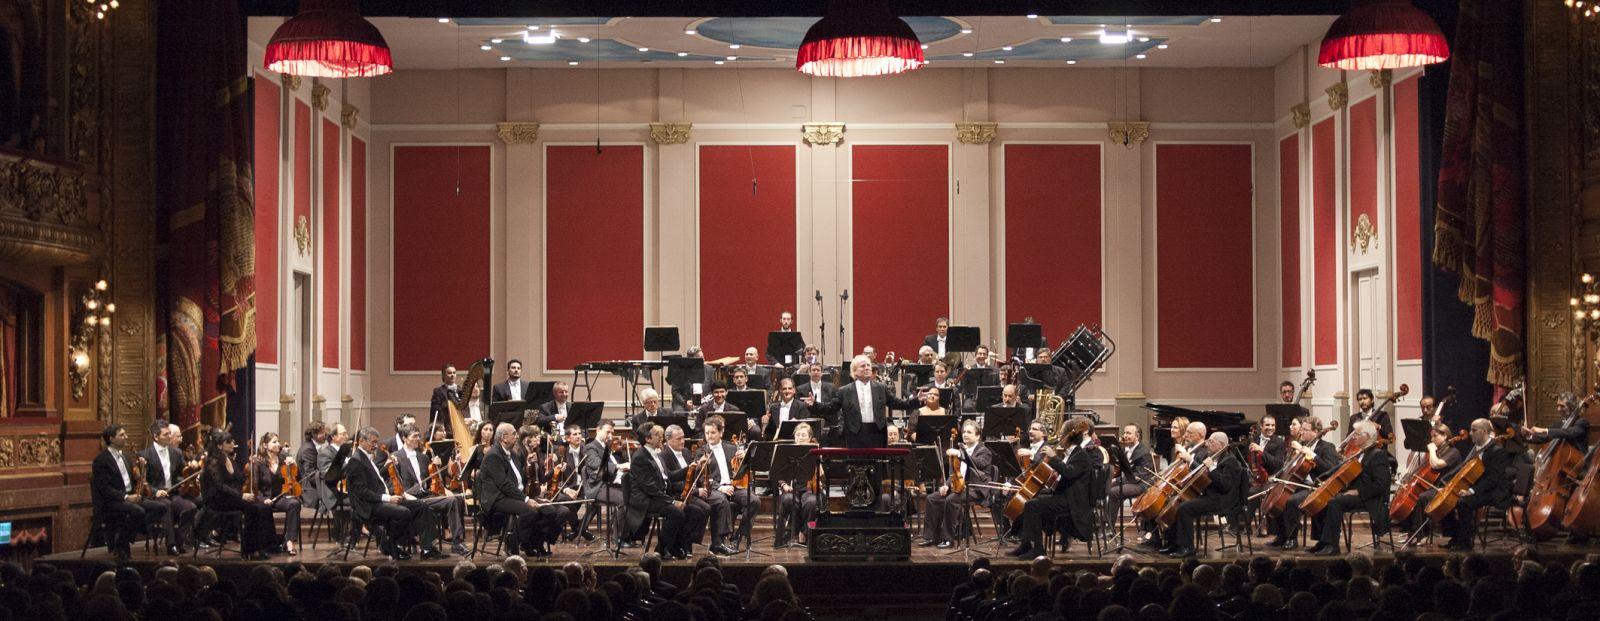 Imagen de Programación de las orquestas del Colón y tres primeros conciertos